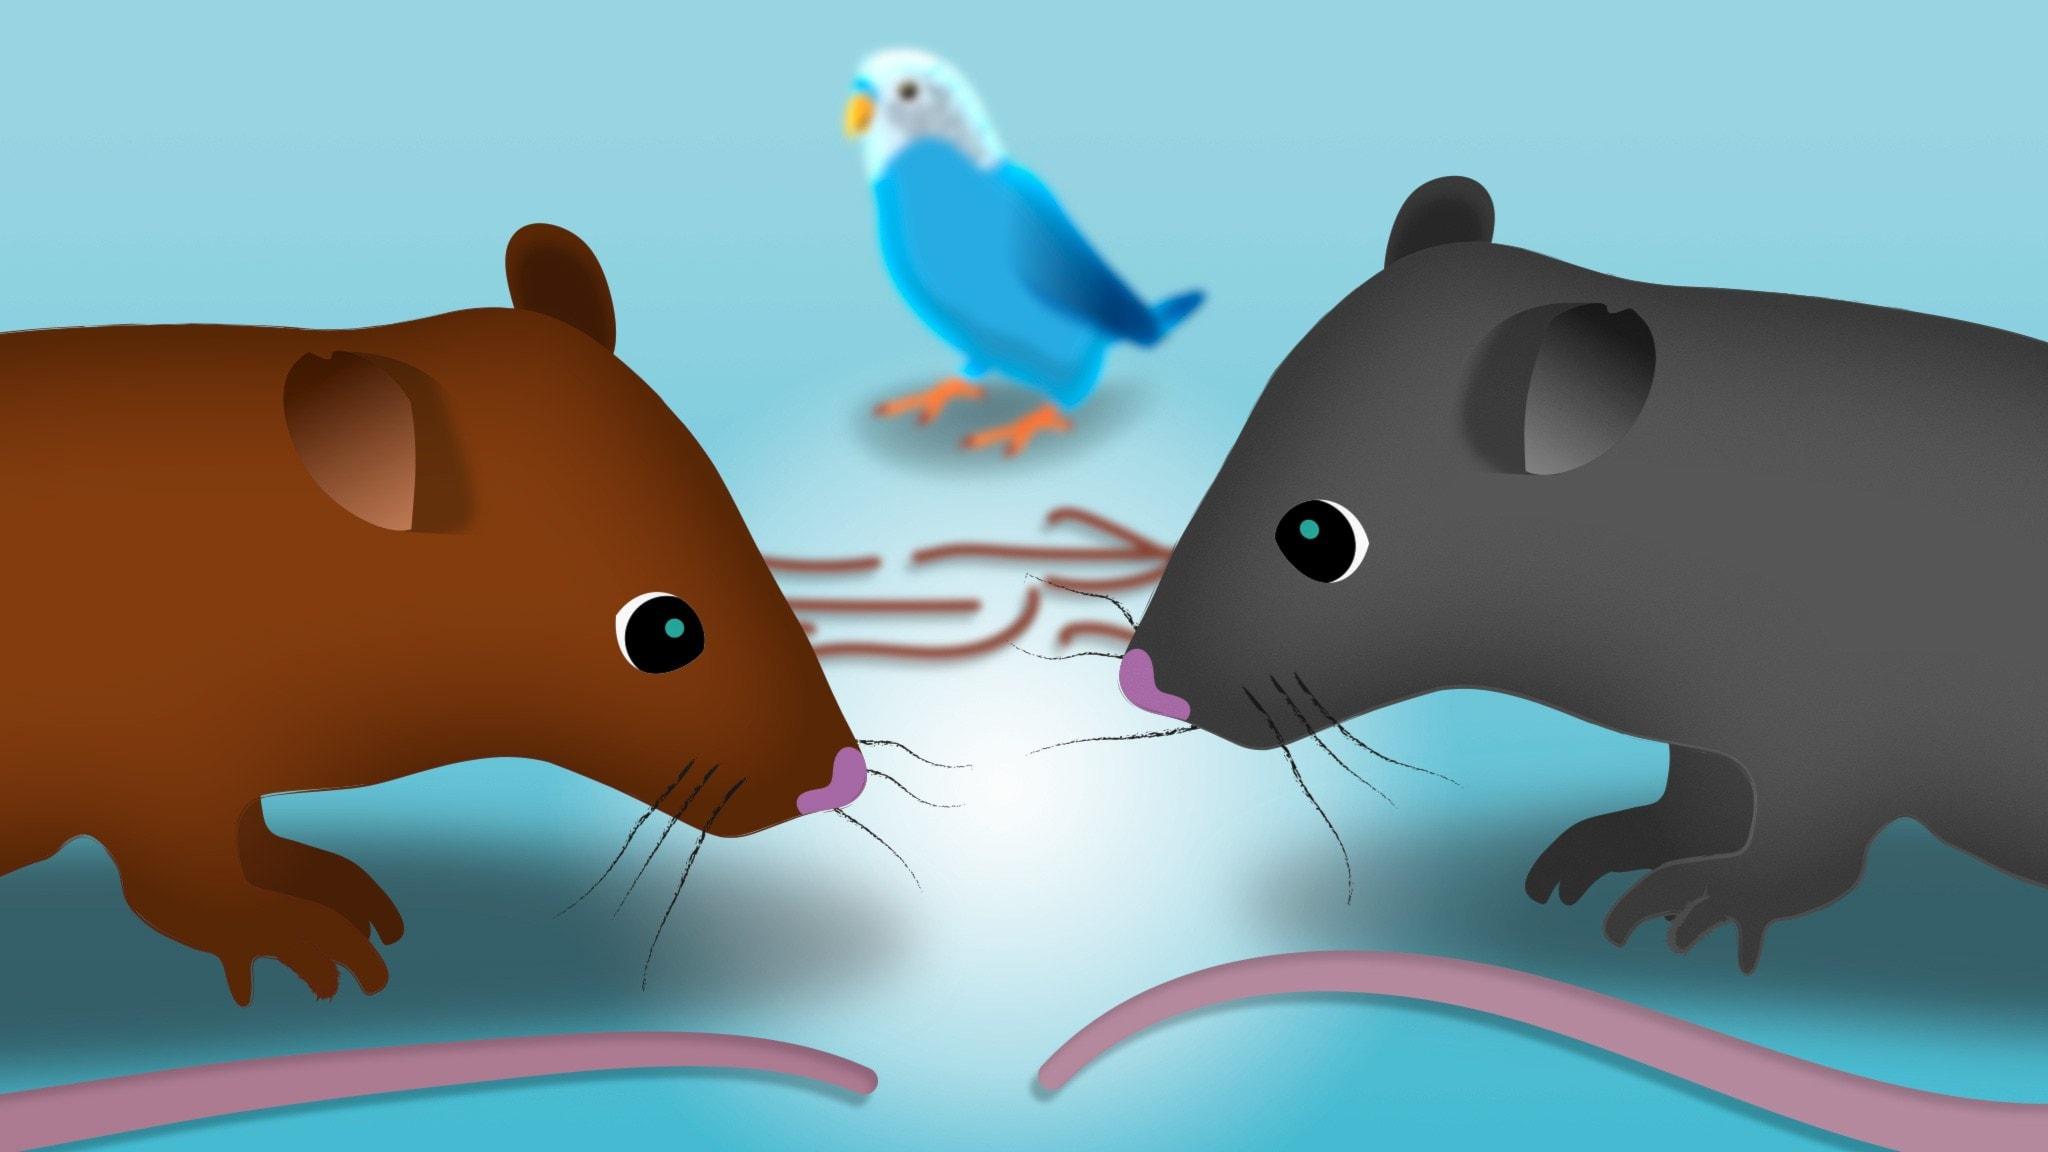 Nina och det stora tråkiga, del 3: Nina och råttbebisarna